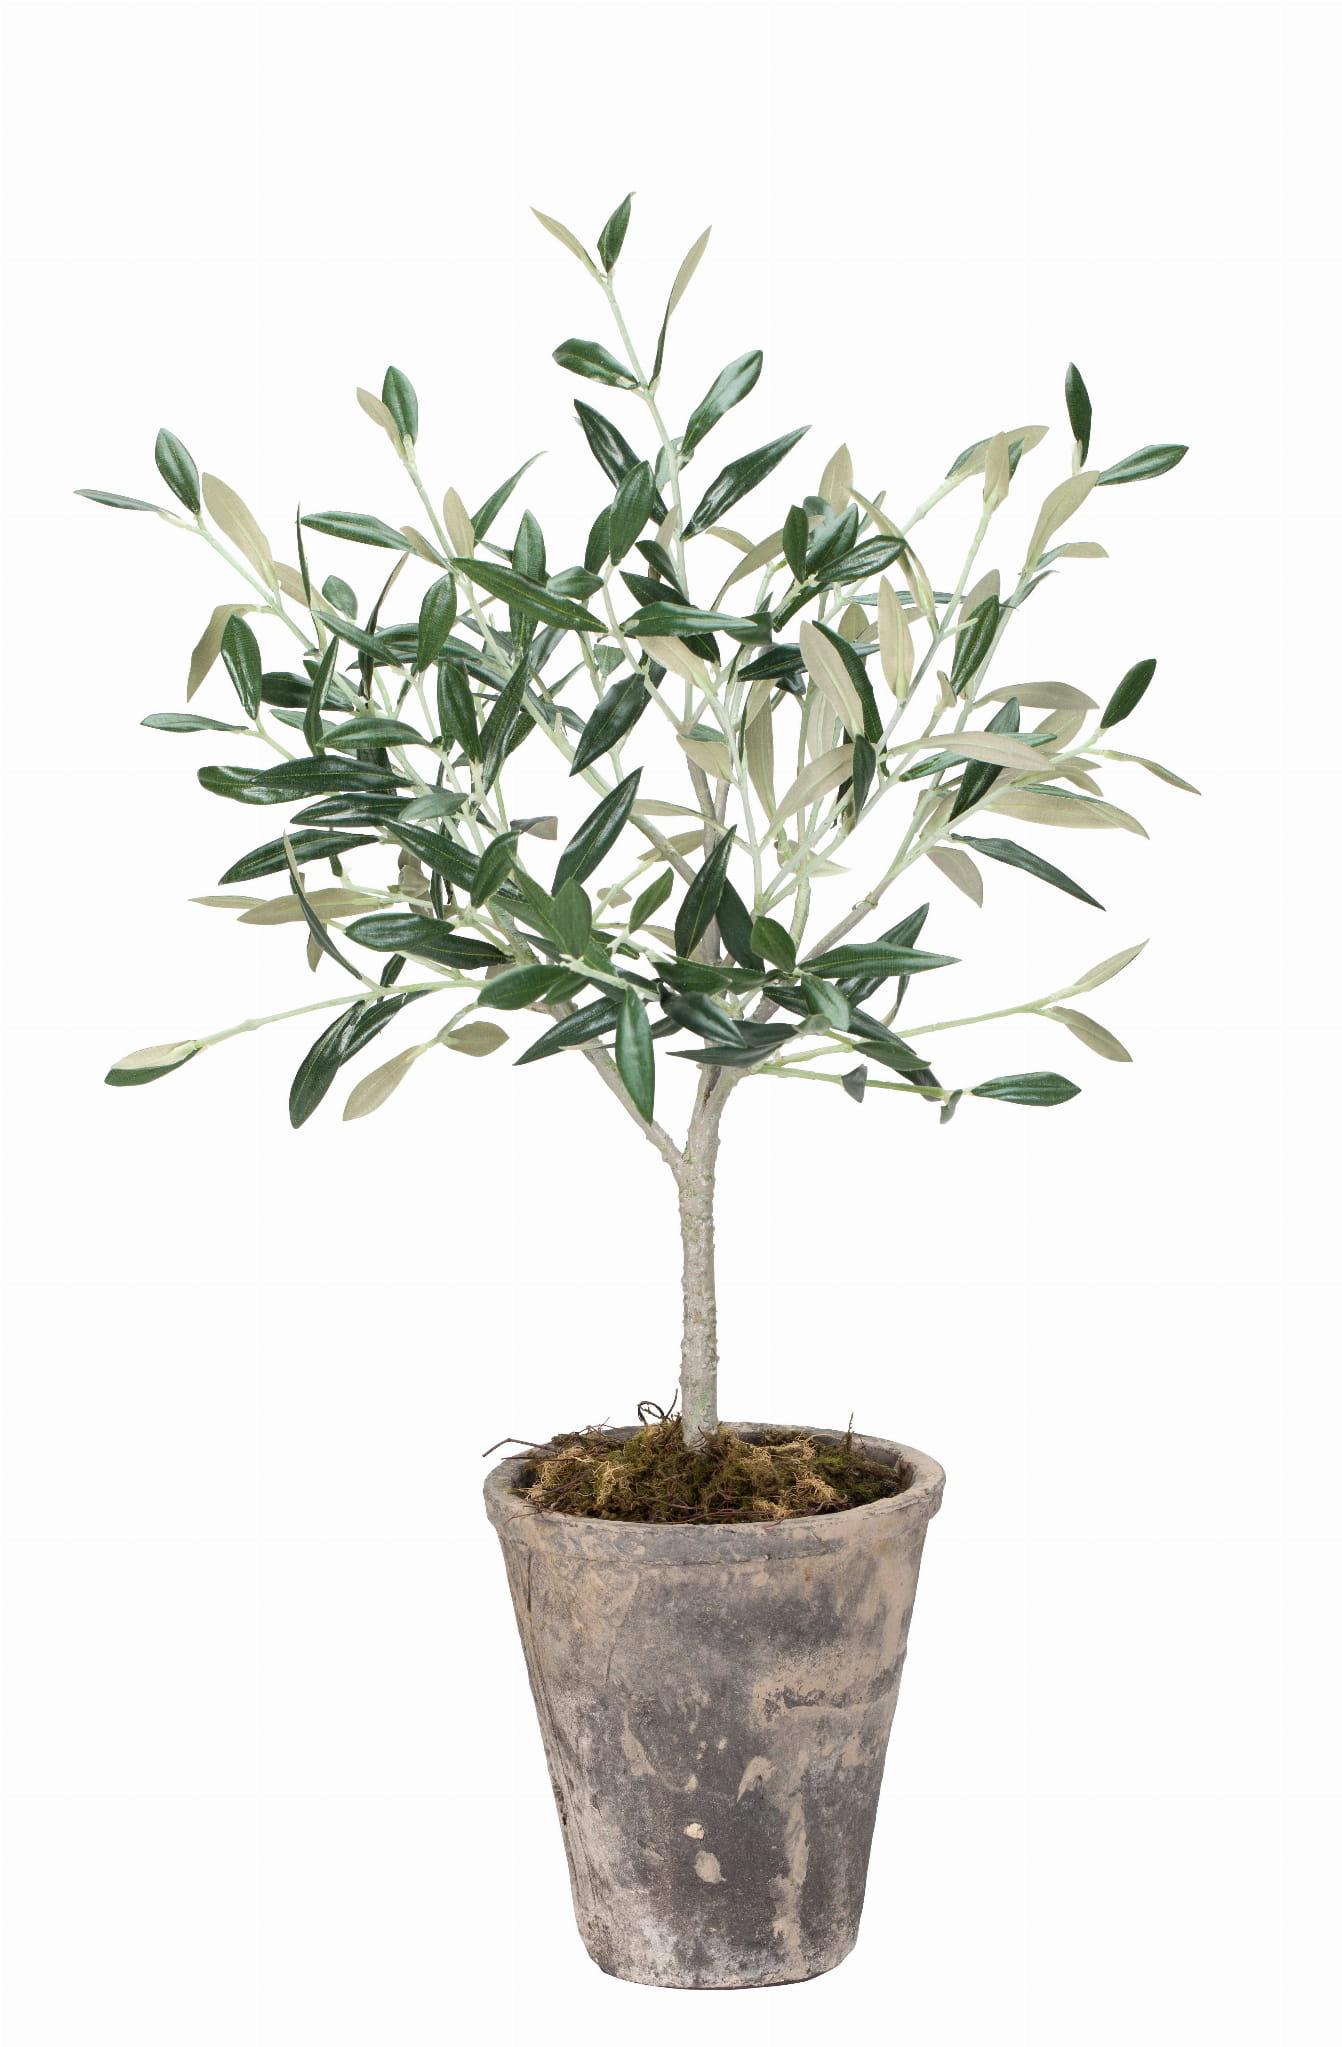 Drzewko oliwne oliwka lene bjerre 44 cm designbywomen - Olivo en maceta ...